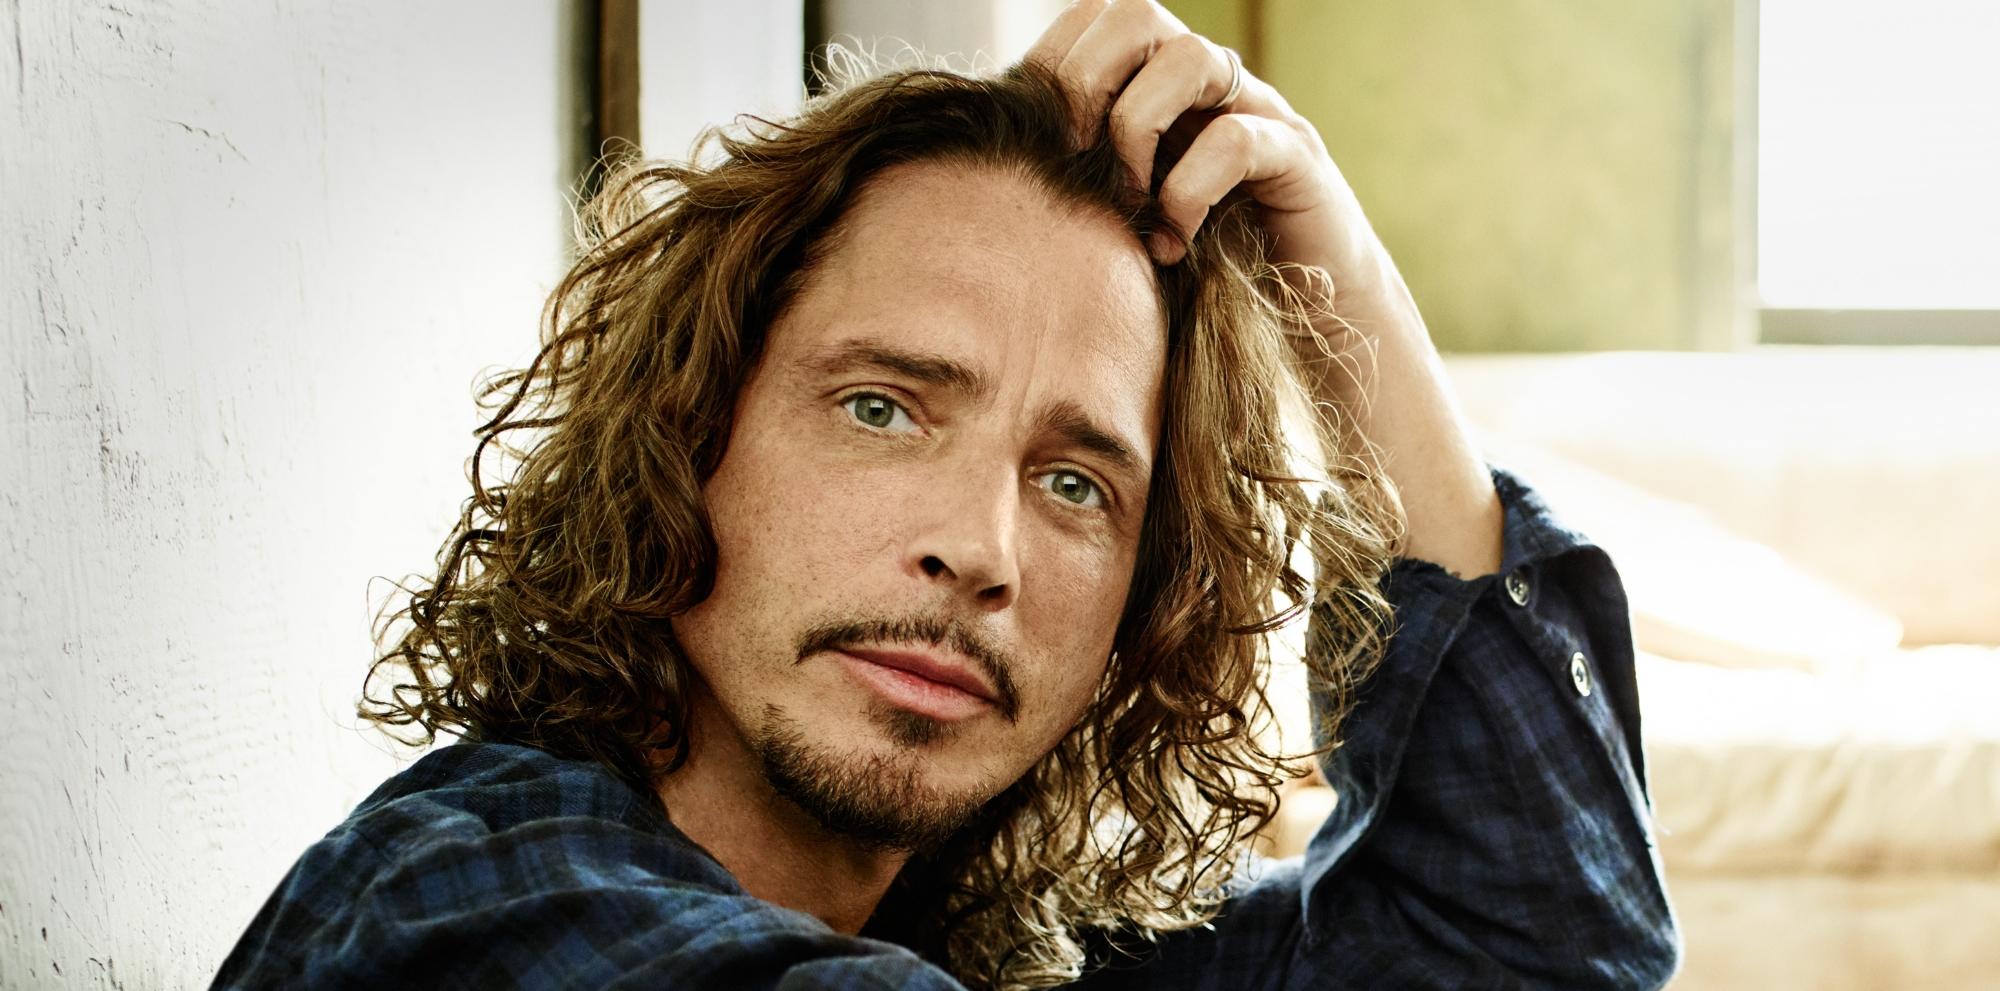 Morreu Chris Cornell, vocalista dos Soundgarden e Audioslave